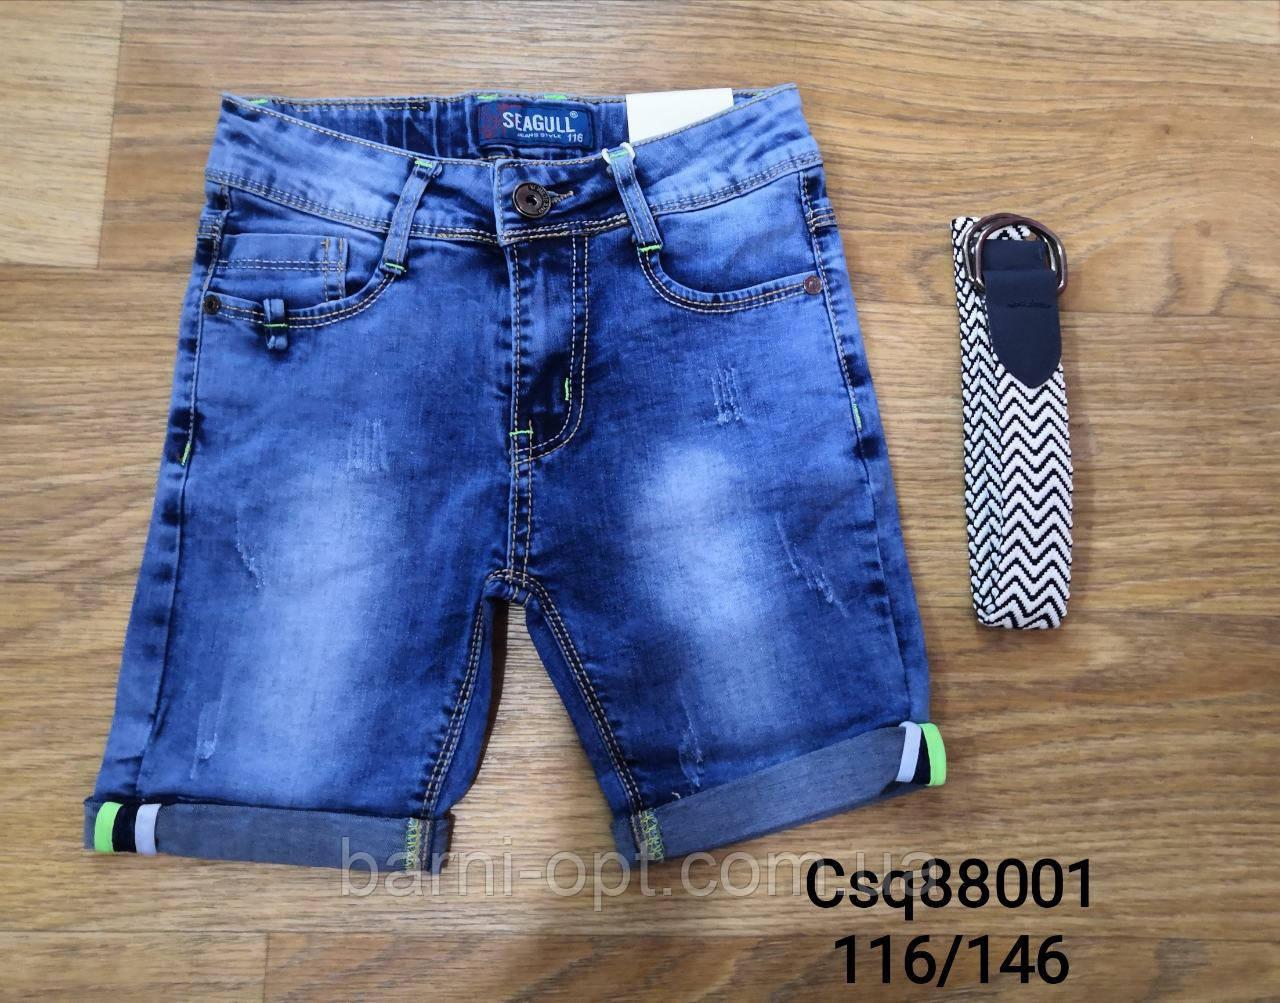 Шорты джинсовые на мальчика оптом, Seagull, 134, 146